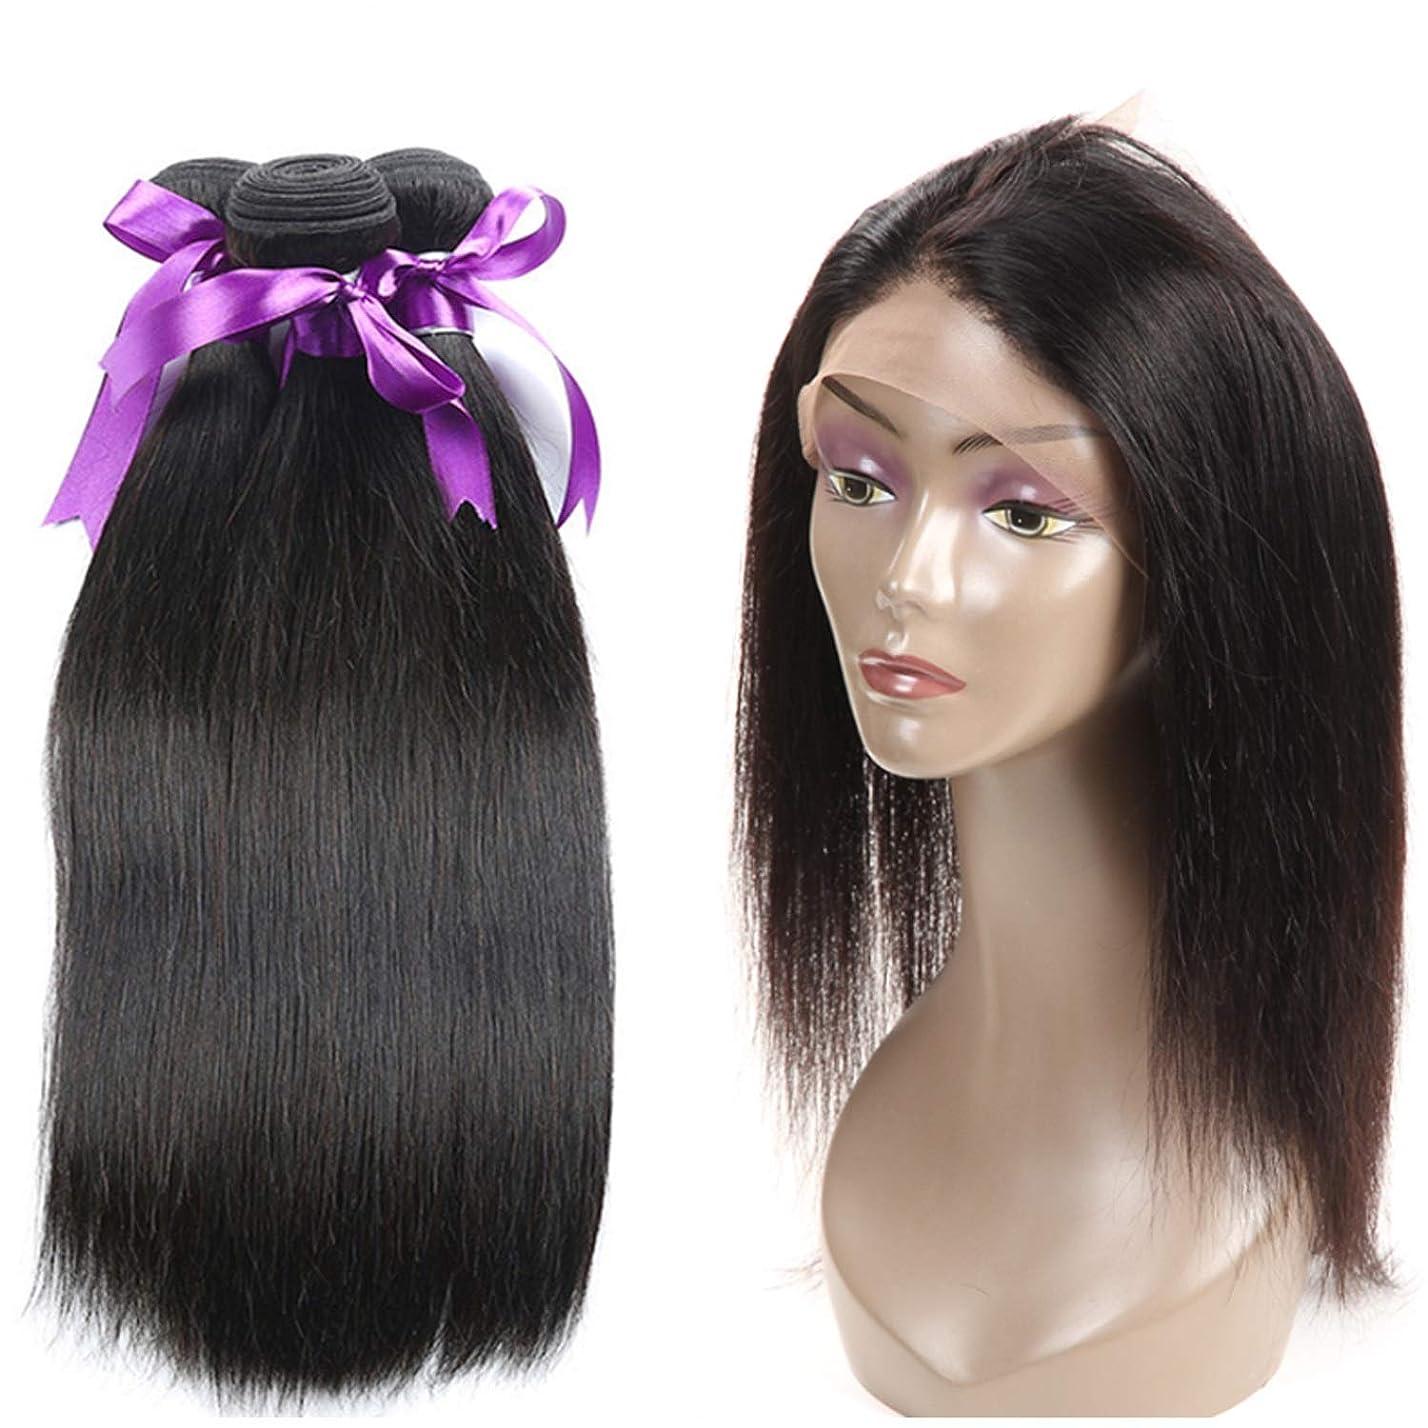 東気がついて扱いやすいブラジルストレートヘア360レース前頭葉付き非レミー人間の髪の毛3バンドル360前頭人間の髪の毛のかつら かつら (Length : 20 22 24 Closure 18)